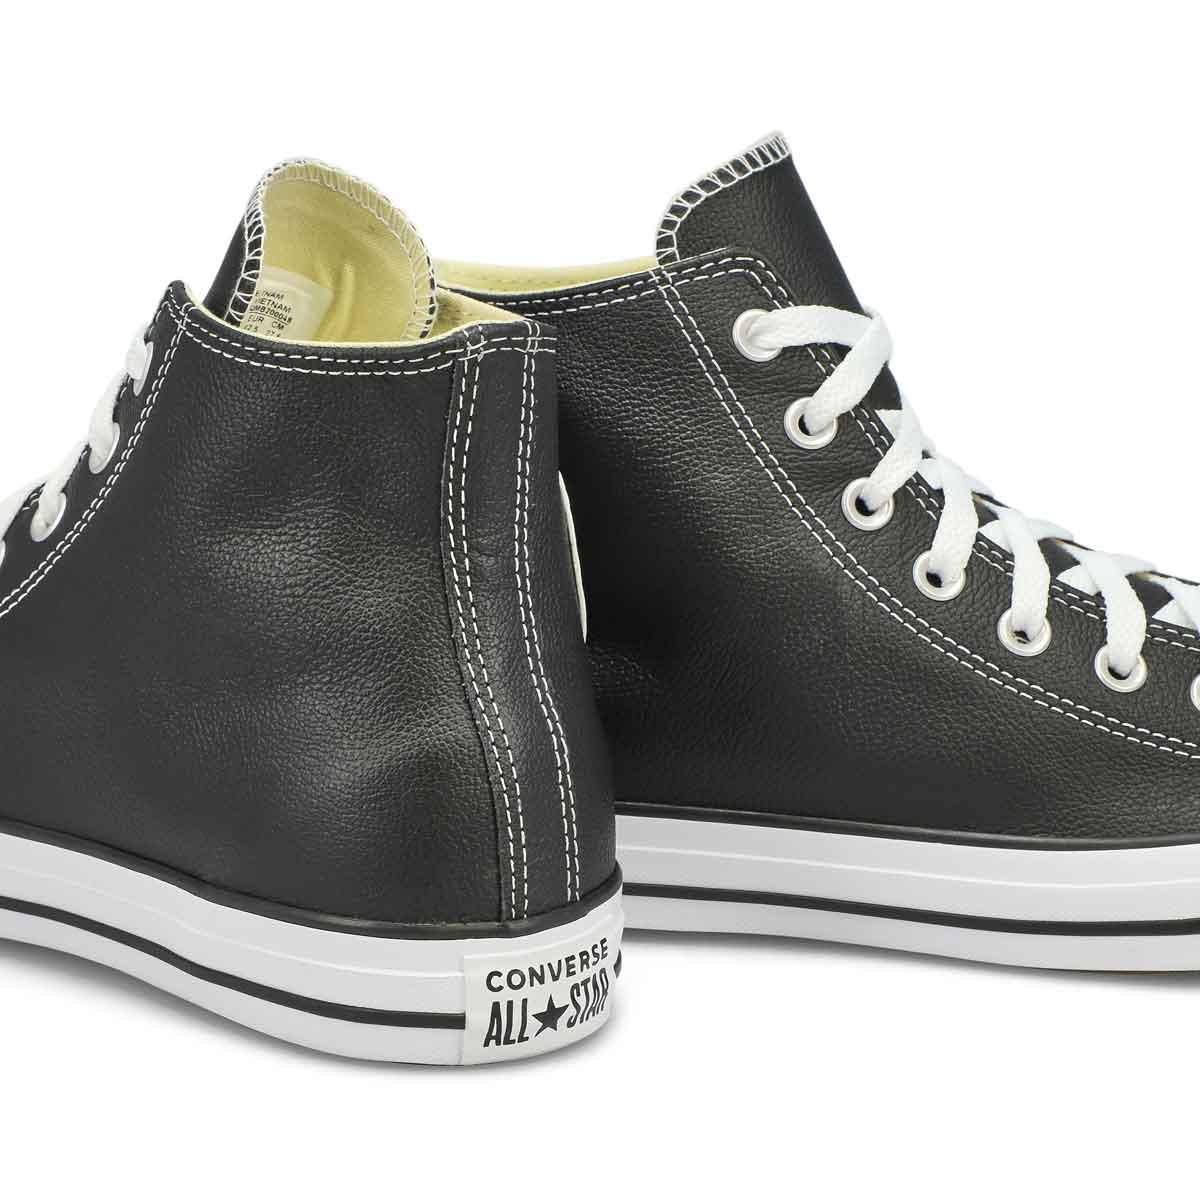 Espad CT All Star Leather, noir, ho